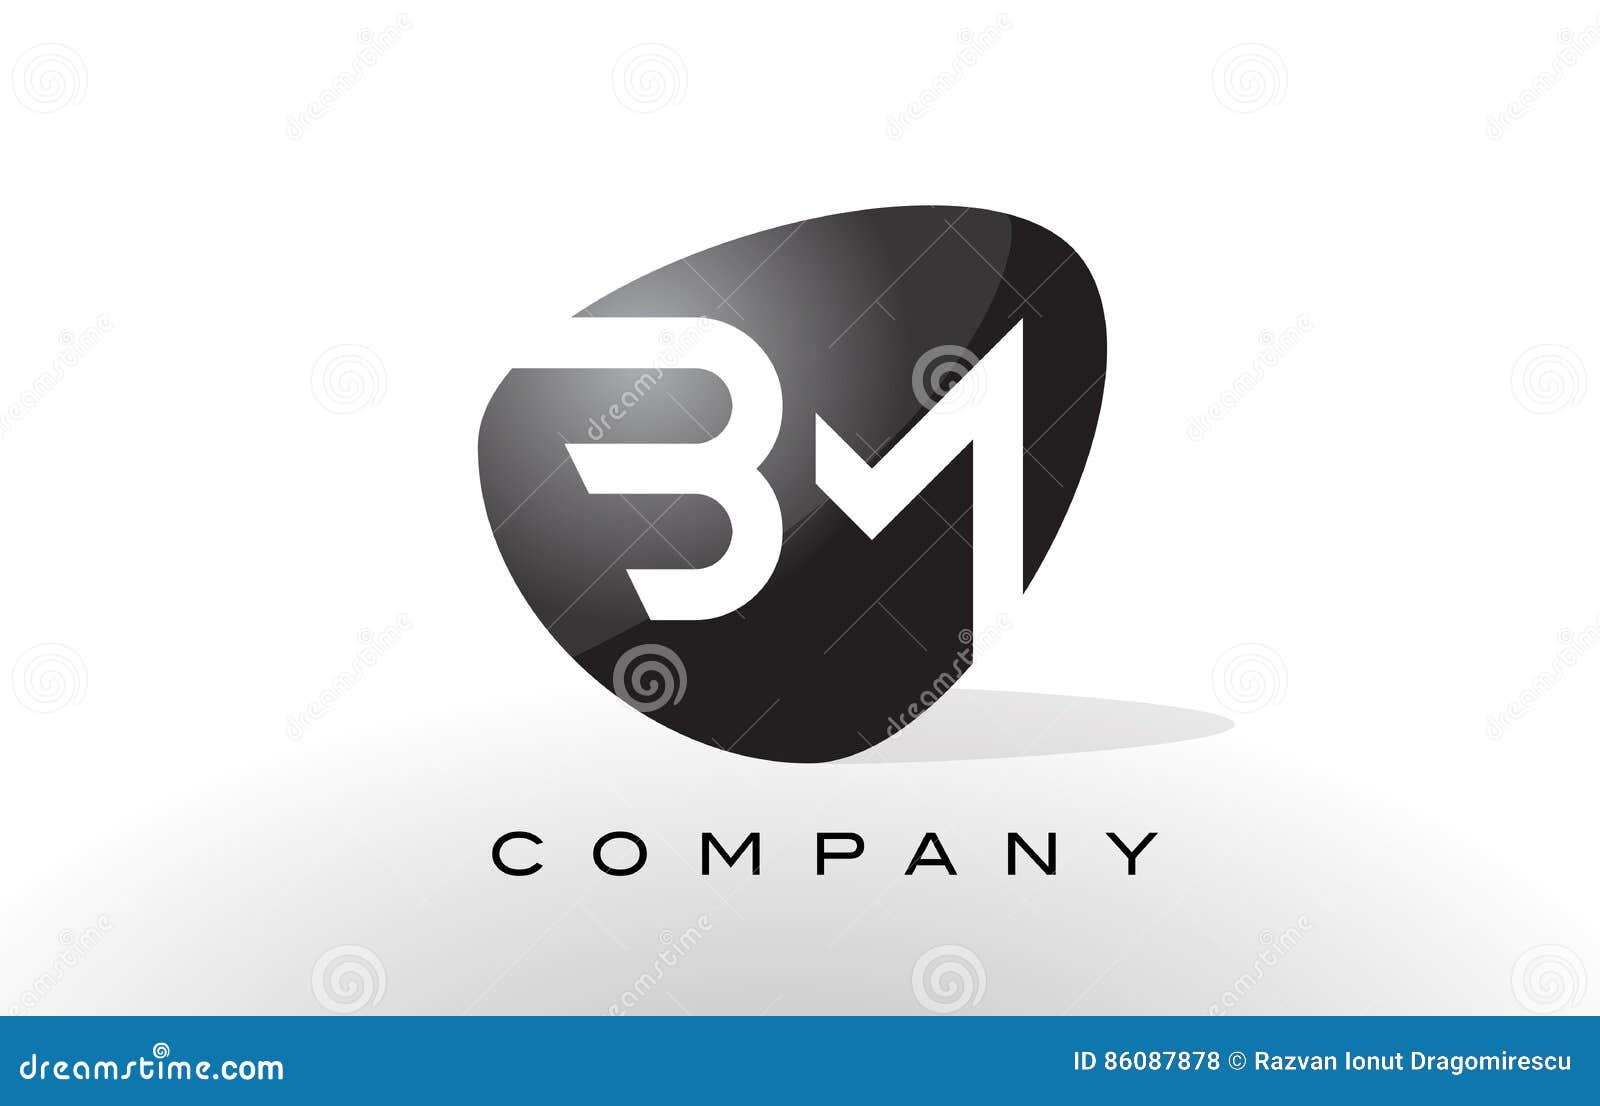 bm logo letter design vector stock vector illustration of design